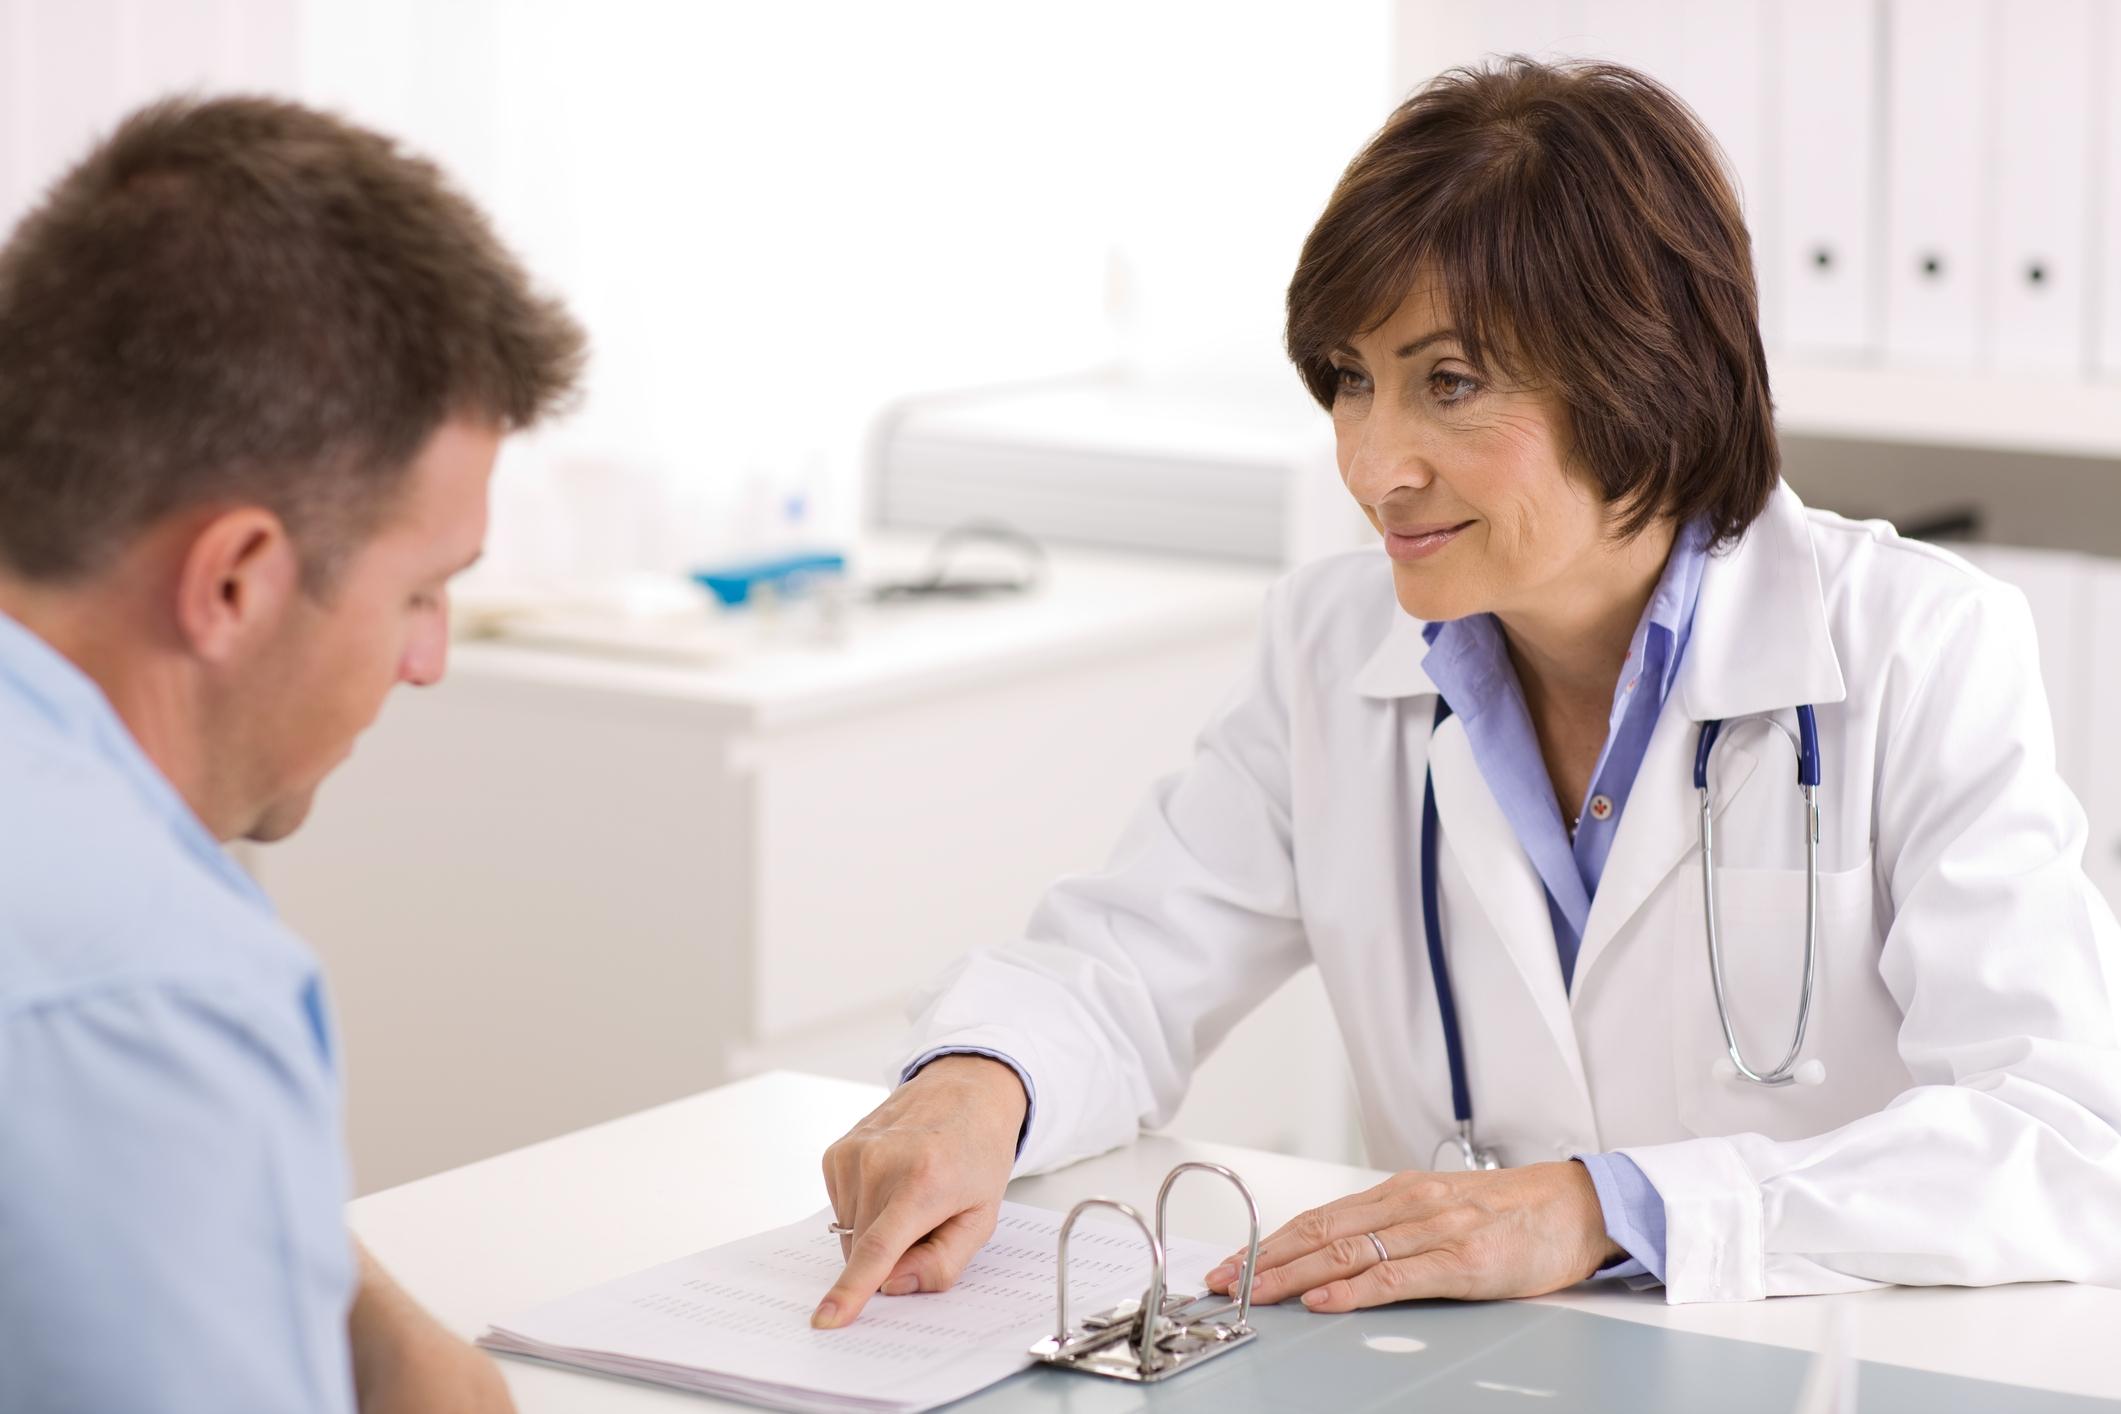 Эректильная дисфункция: острая проблема современных мужчин